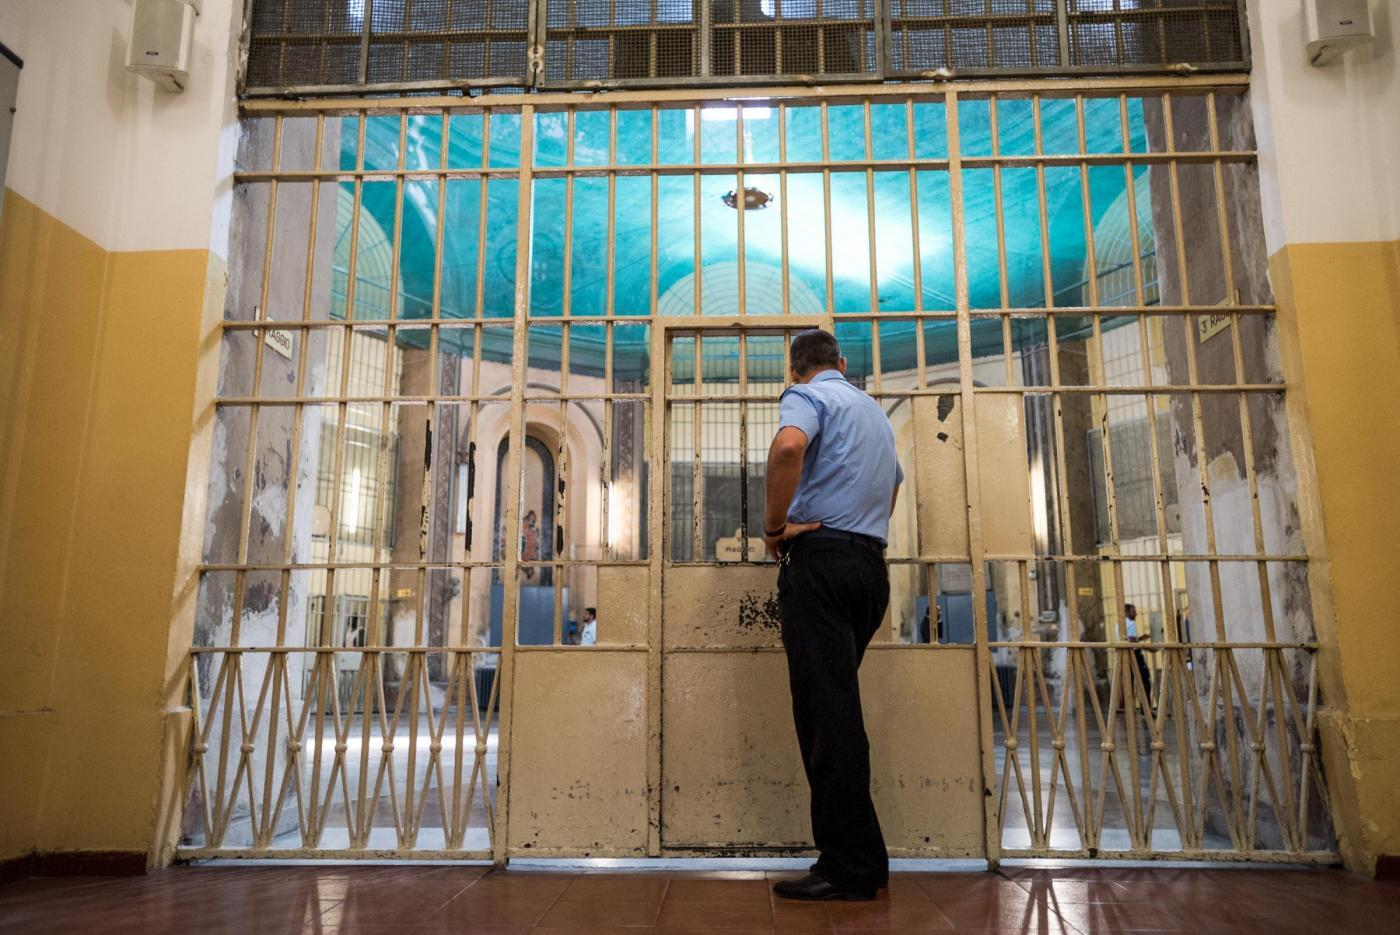 Stanze dell'amore in carcere: così i carcerati potranno avere rapporti sessuali